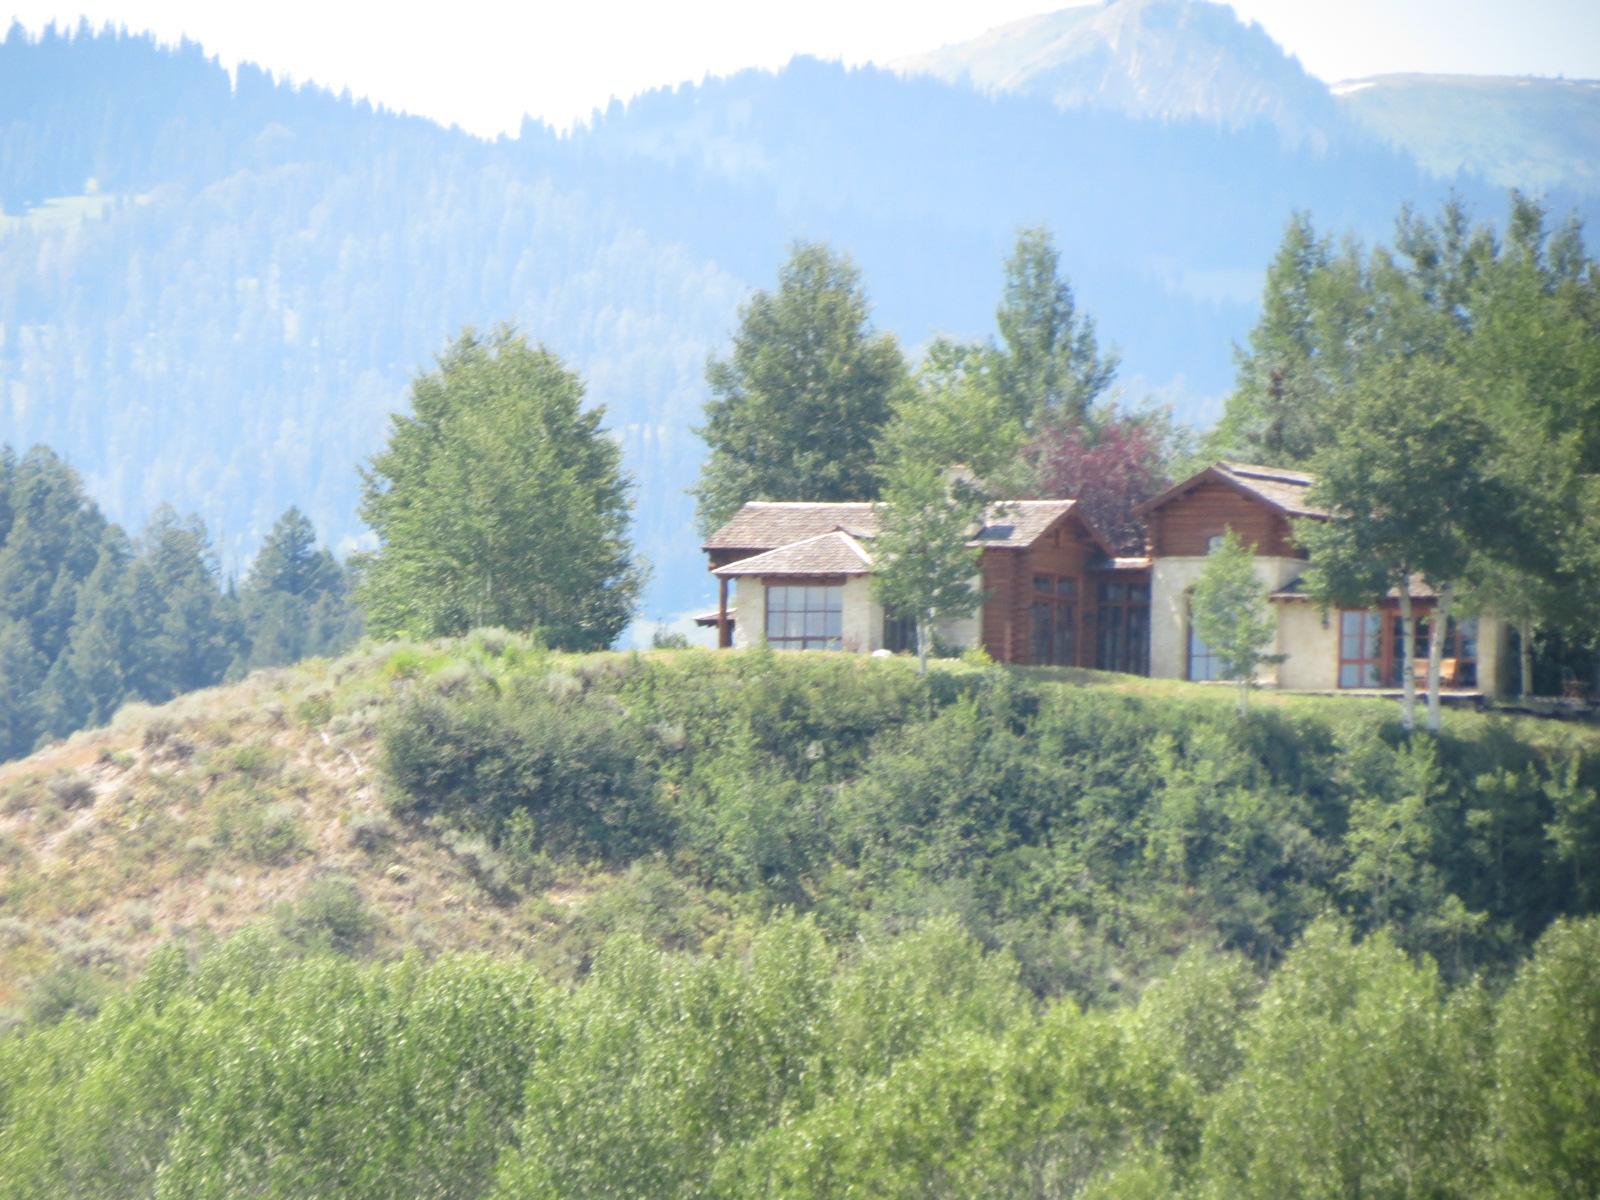 Sandra Bullock's house on the Snake River